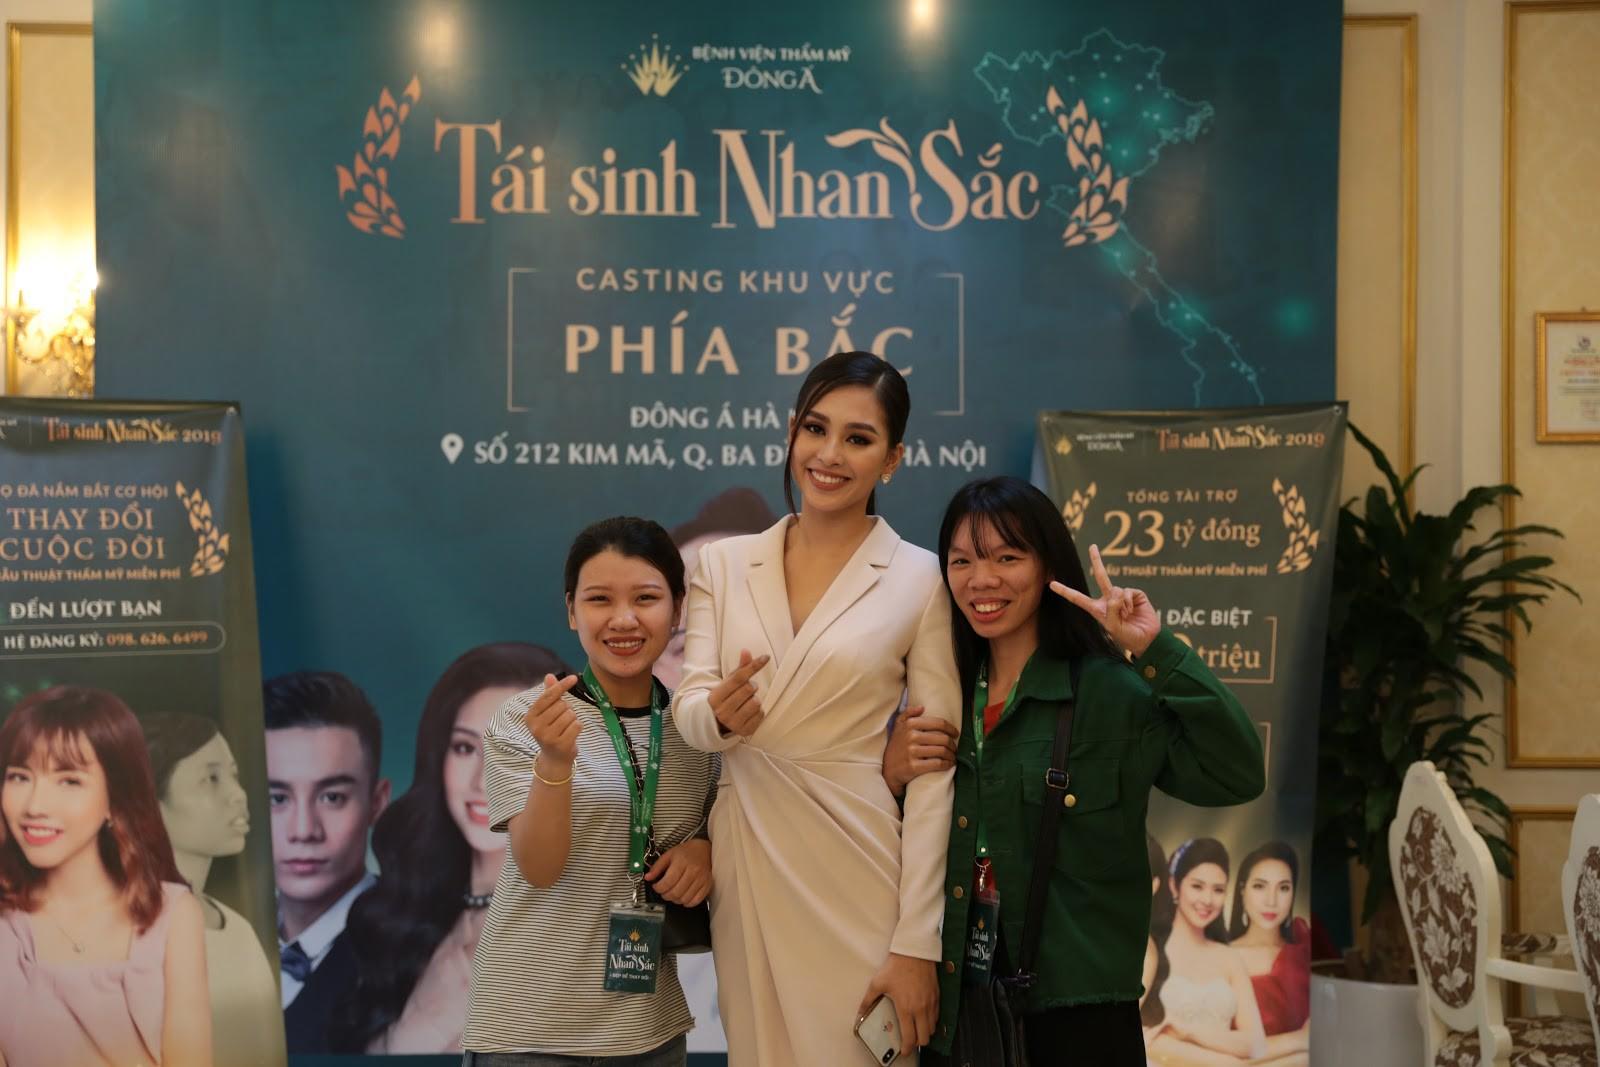 Hoa hậu Trần Tiểu Vy - Nàng hậu hết lòng vì những số phận khiếm khuyết ngoại hình - Ảnh 4.